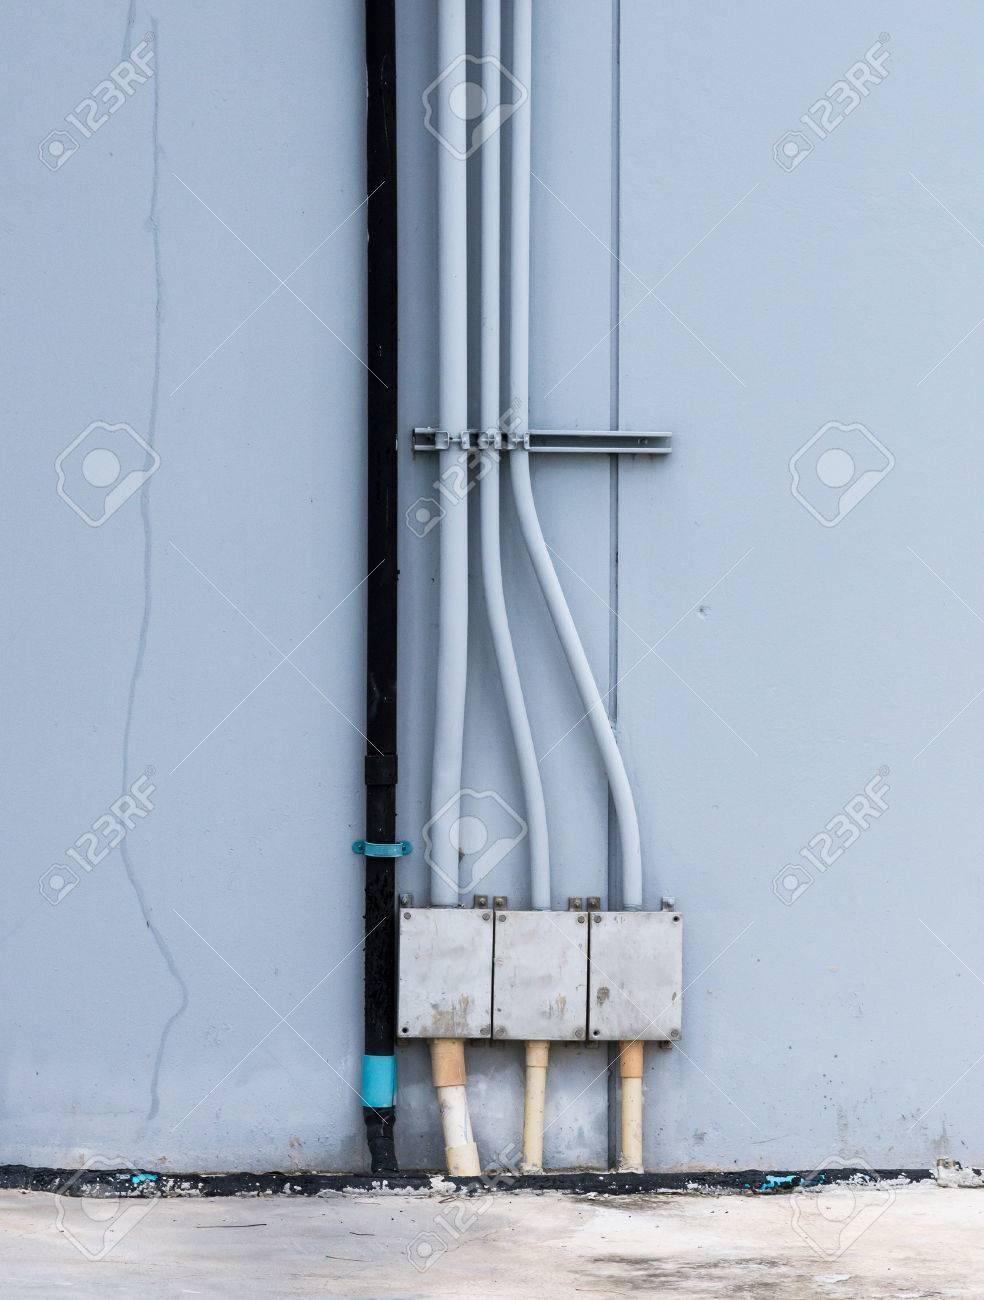 Fraktion Der Elektrischen Steuerkasten Auf Der Außenseite Der ...